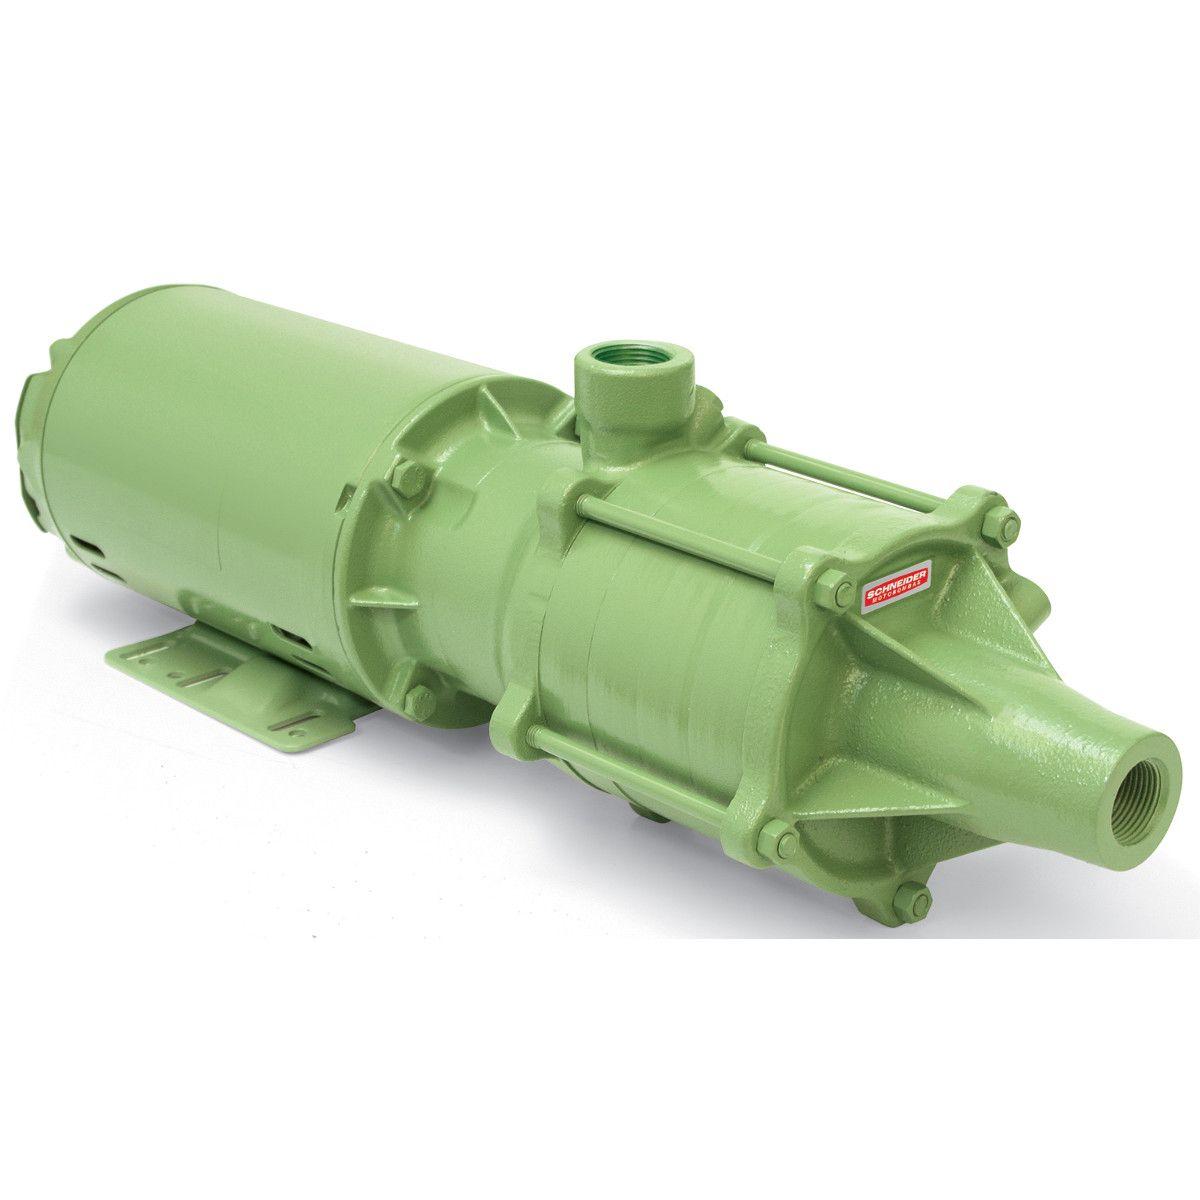 Bomba Multiestágio Schneider ME-AL 1315 1,5 CV Trifásica 220V/380V